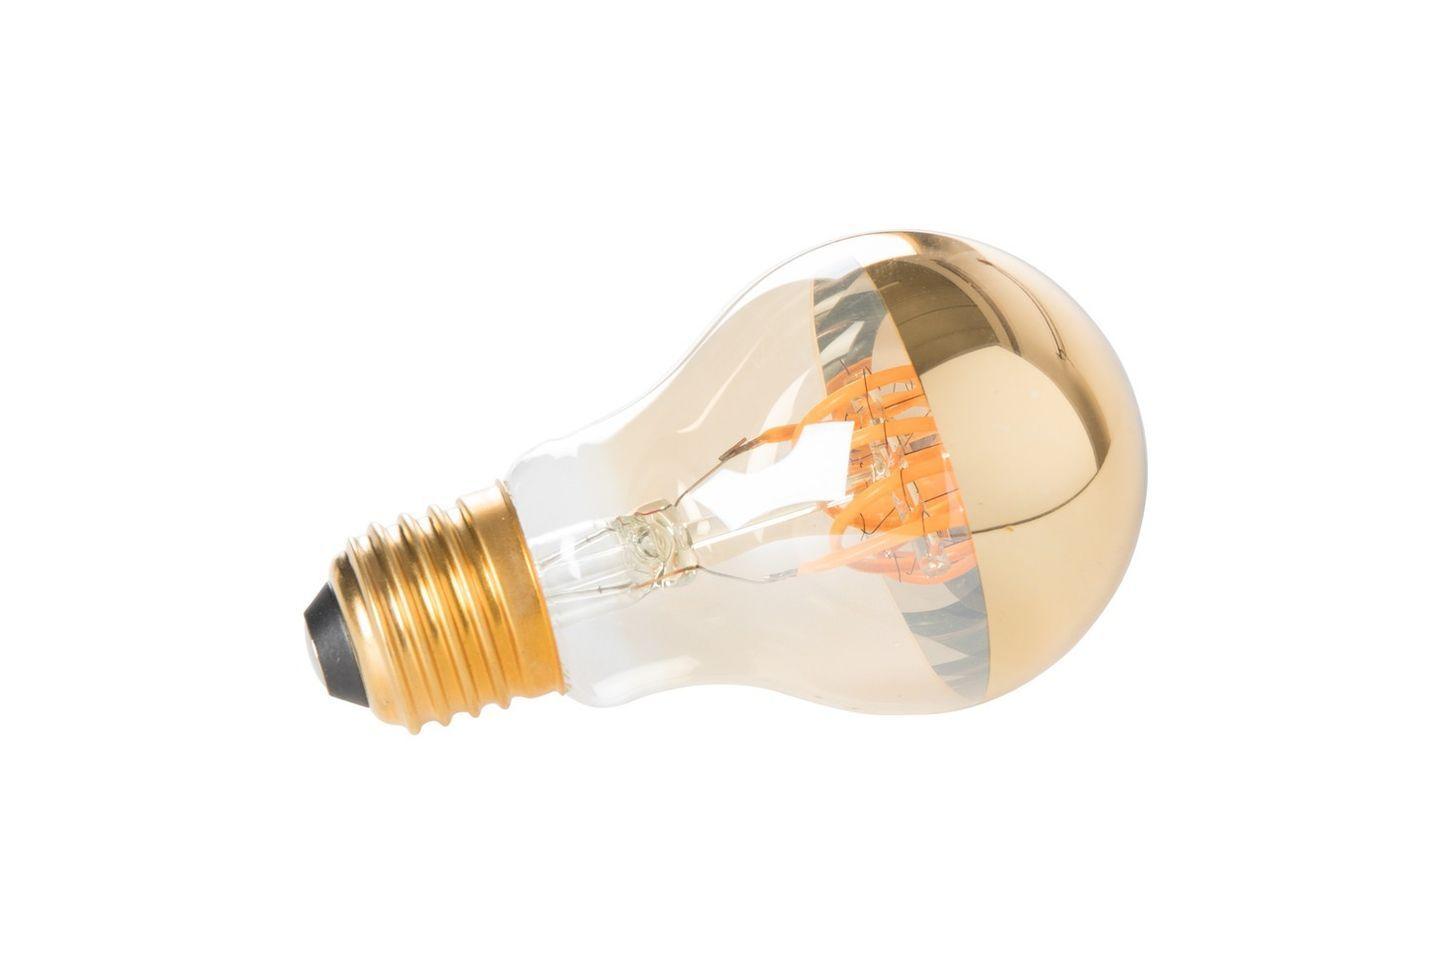 Ampoule LED E27 en verre transparent et effet miroir